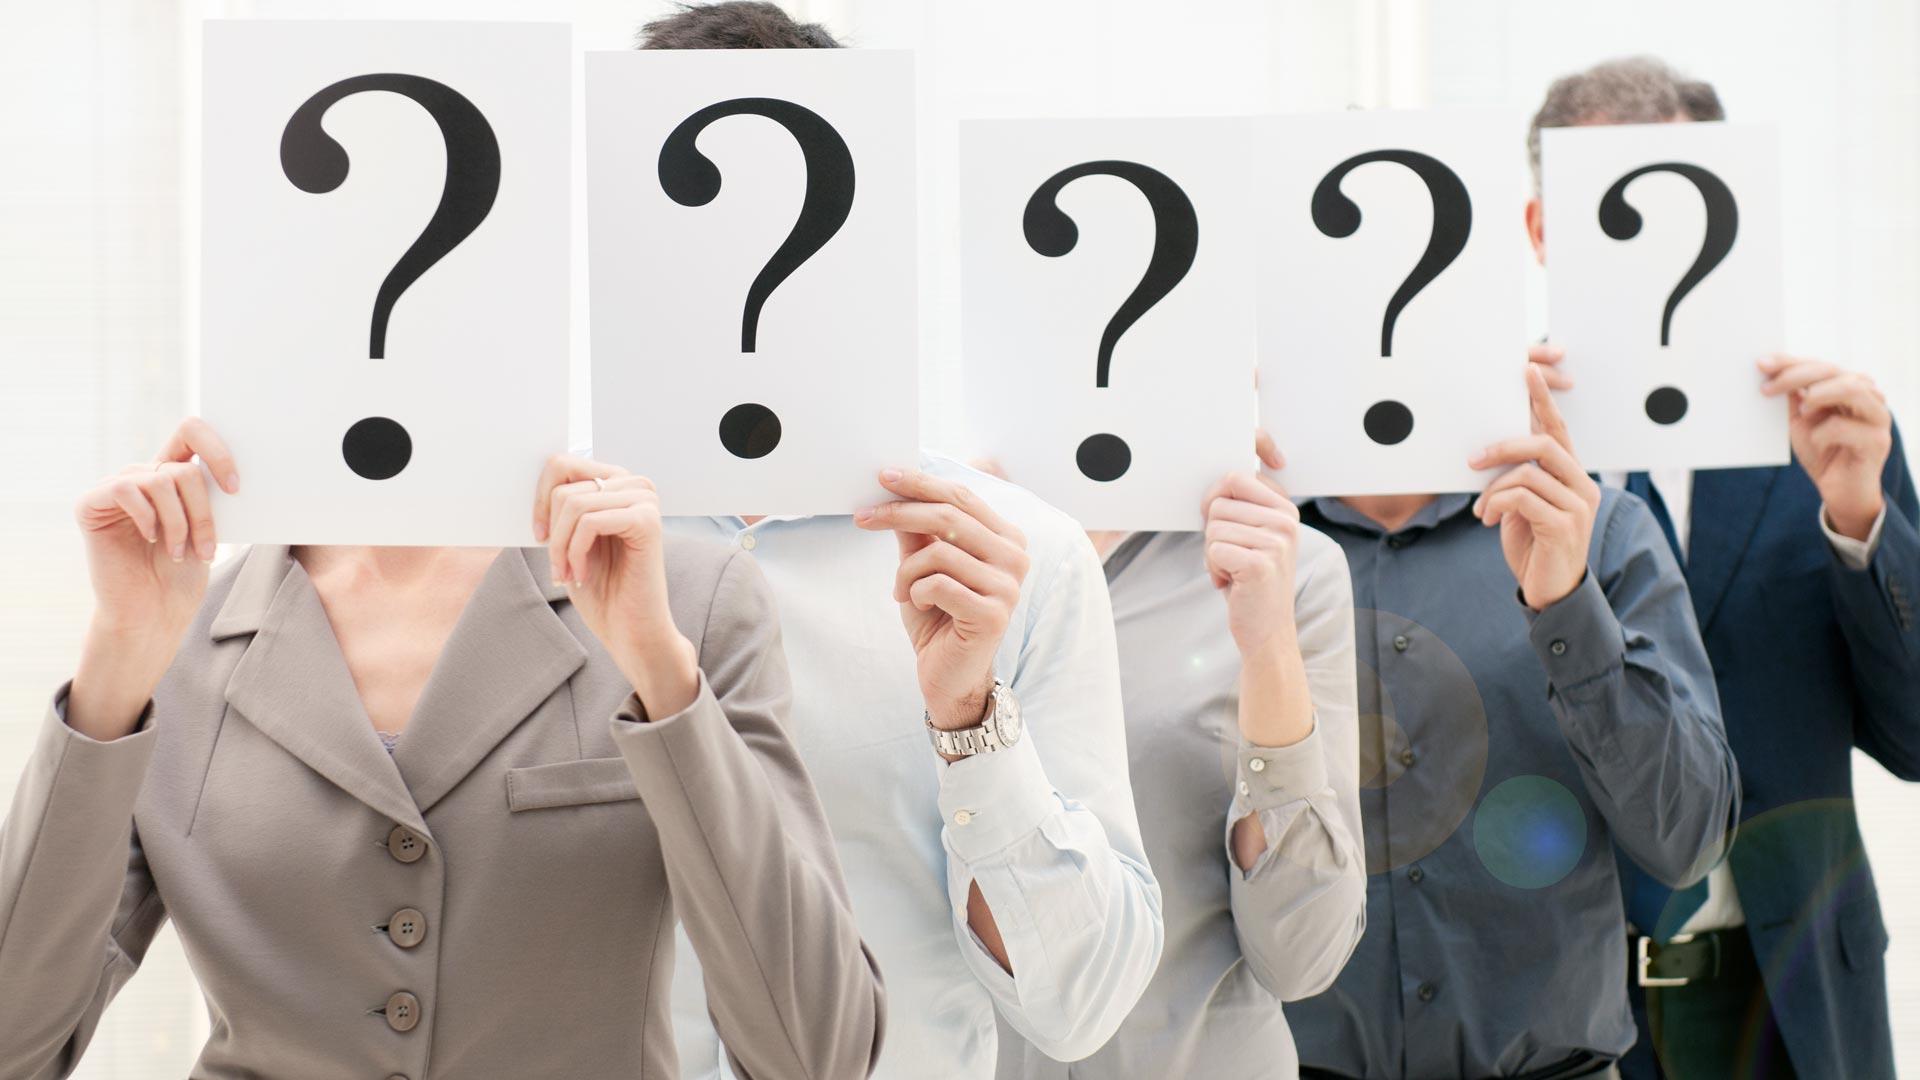 Mitarbeiter Team, Gesichter hinter Blatt mit Fragezeichen verborgen